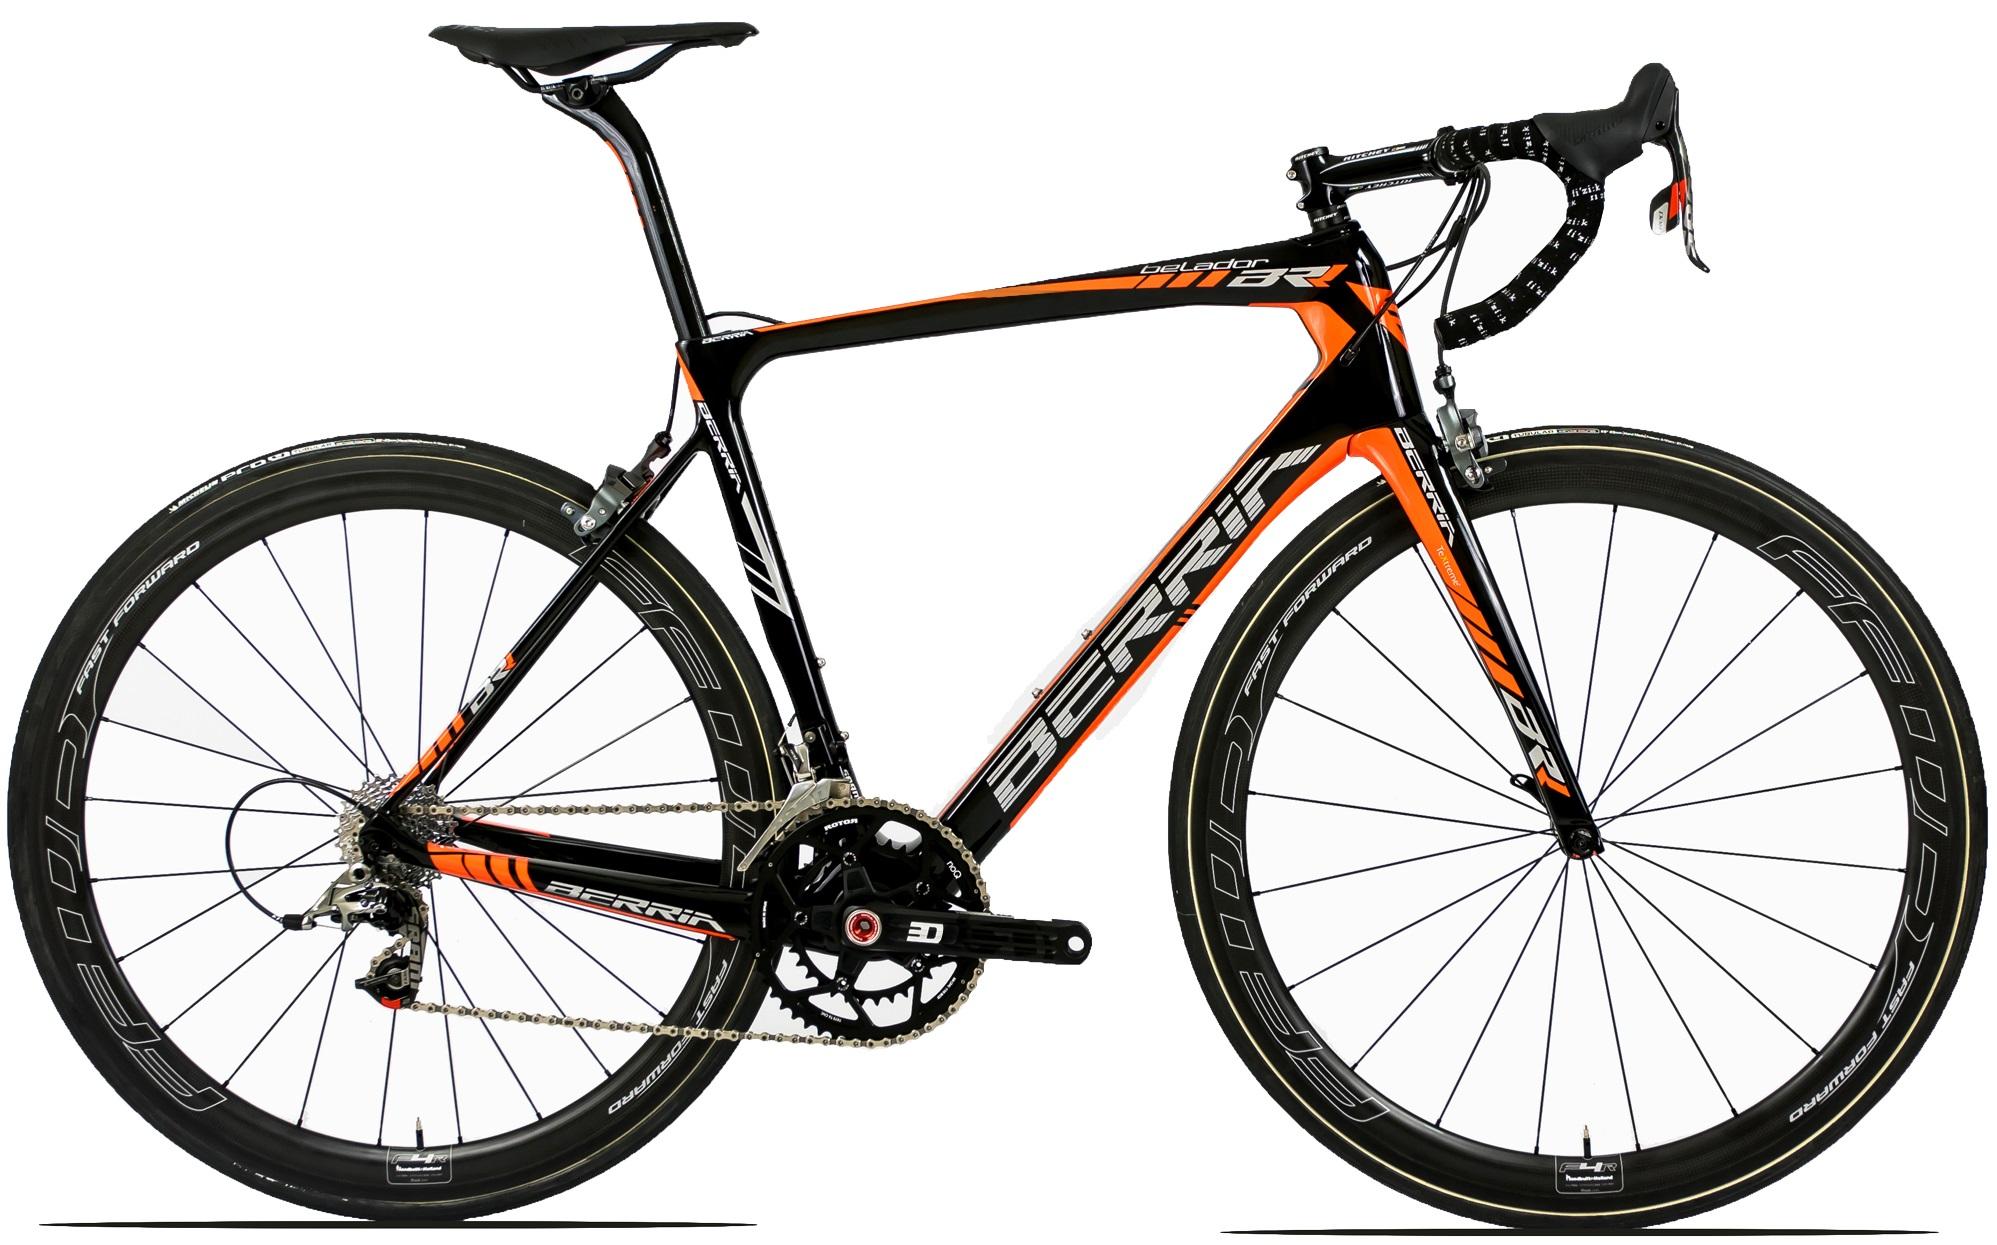 2016 Berria Belador Team orange sram redneuroticarnutz2016 Berria Belador Team orange sram red2016 Avanti Corsa SL Team dura ace blue orange black